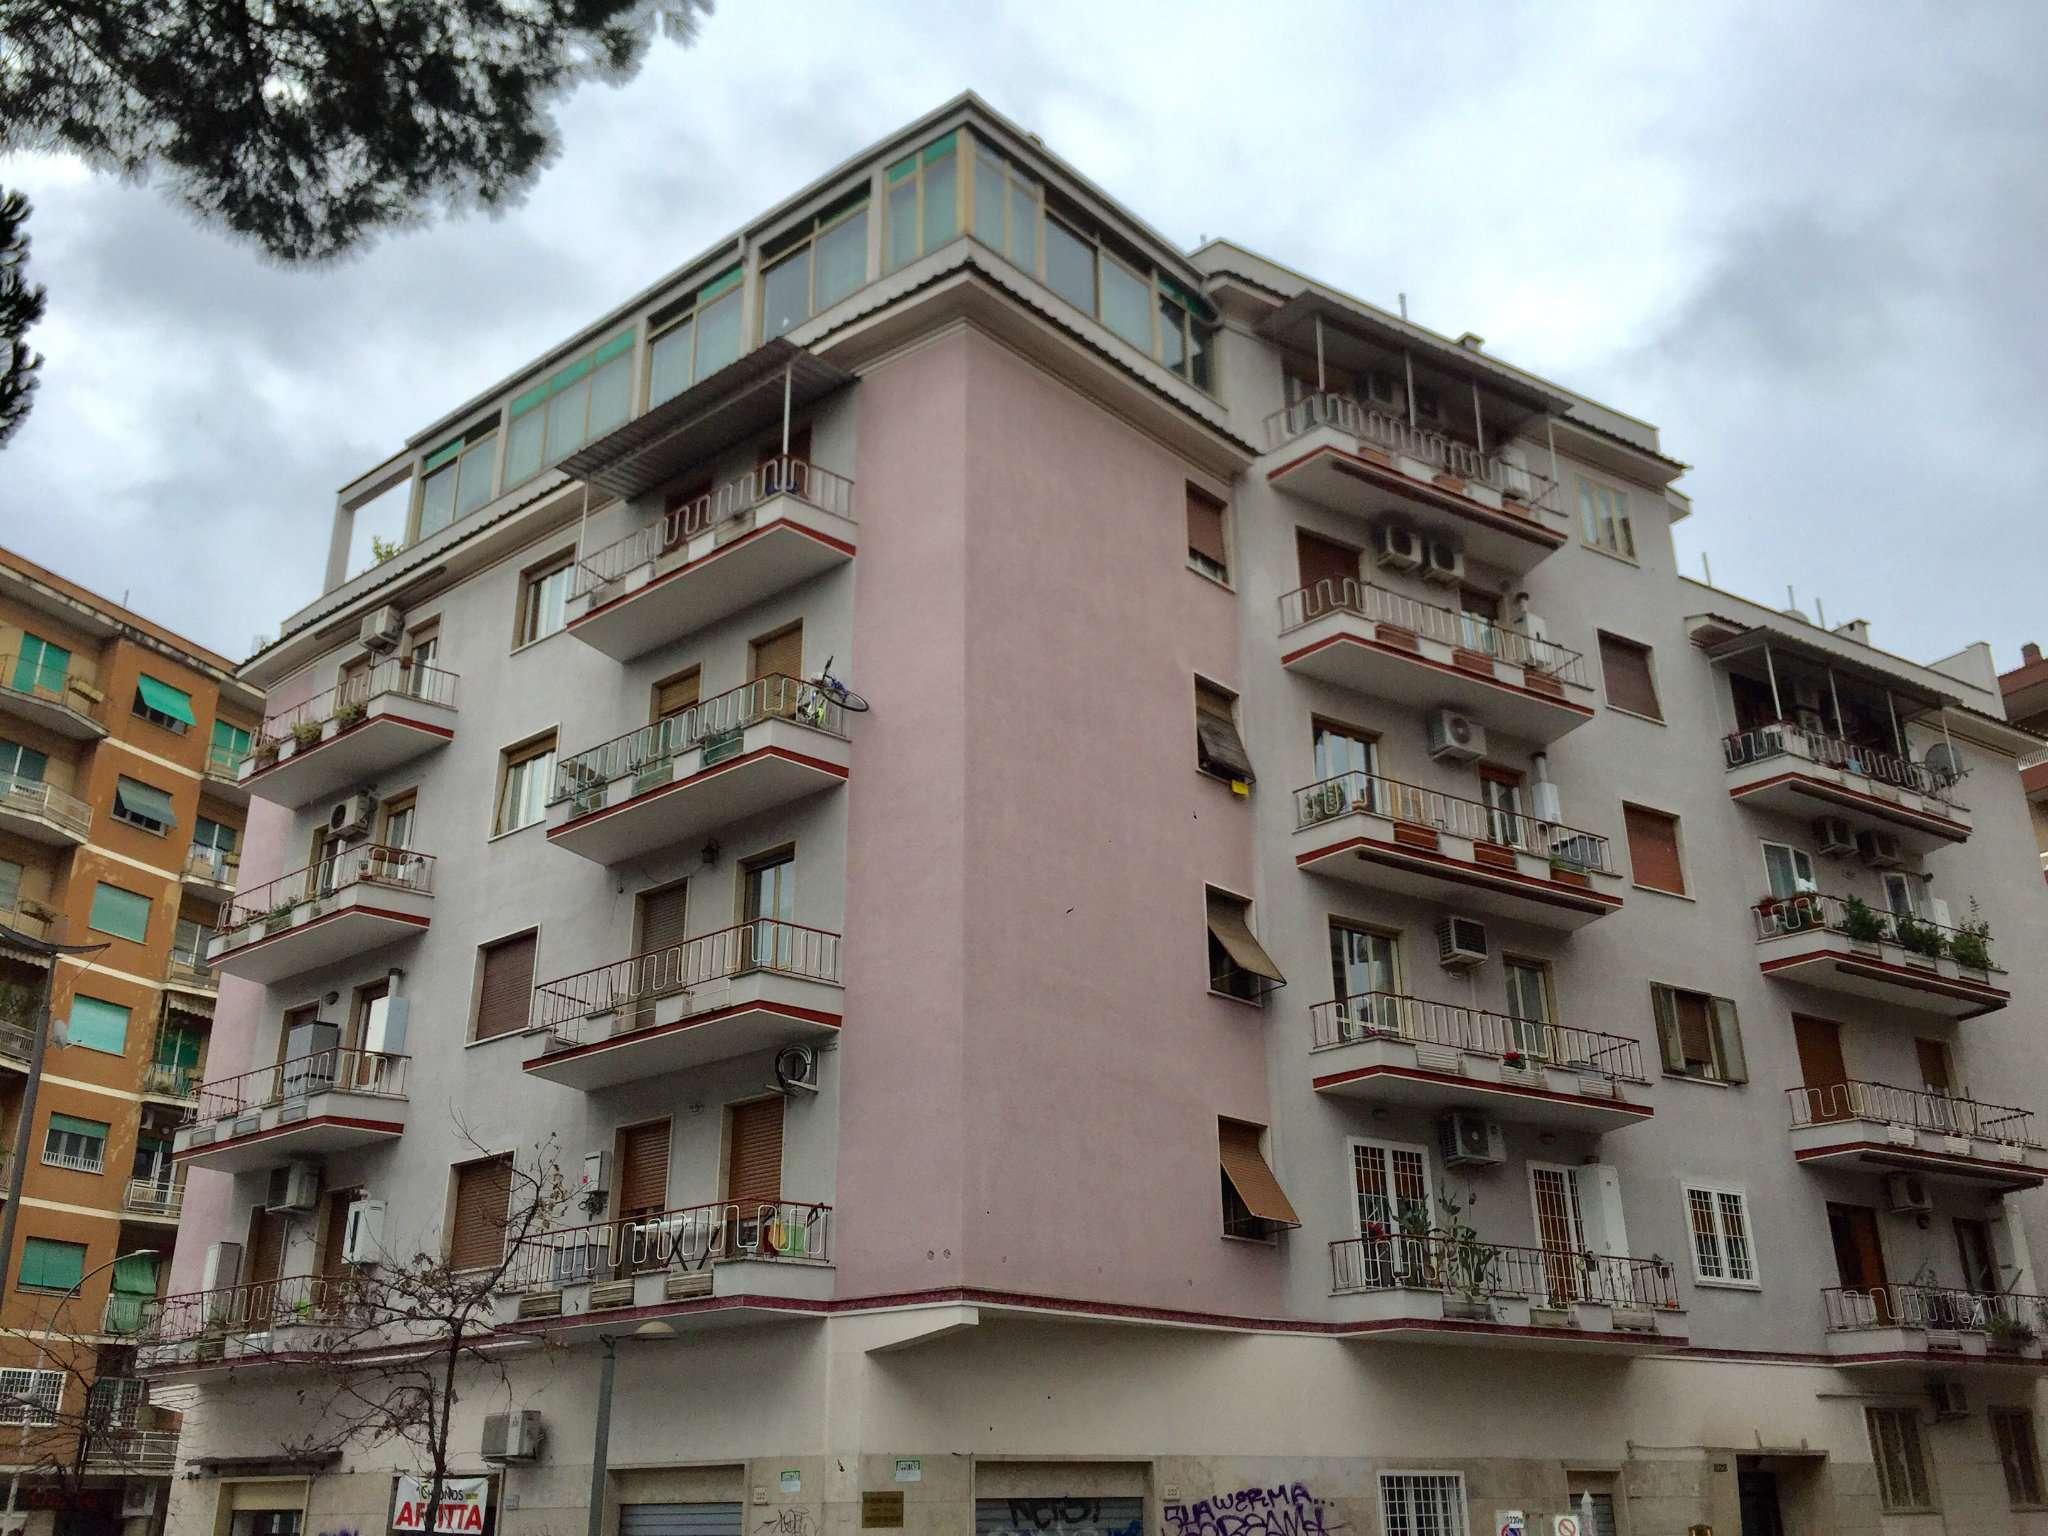 Appartamento in vendita a Roma, 4 locali, zona Zona: 10 . Pigneto, Largo Preneste, prezzo € 259.000   CambioCasa.it